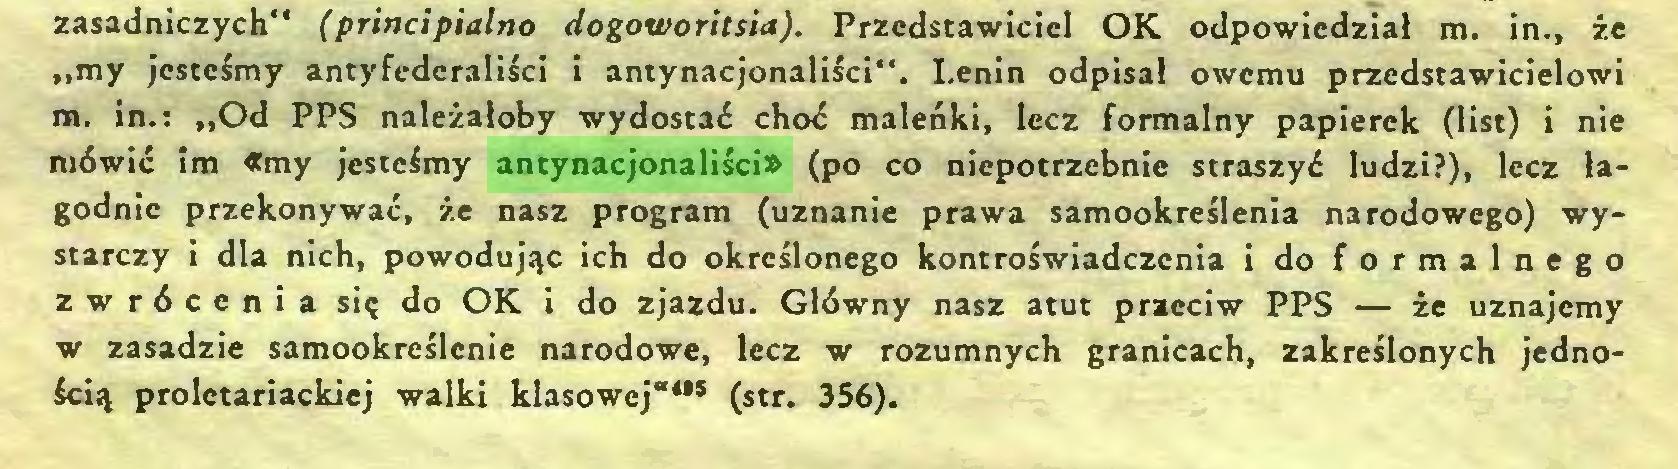 """(...) zasadniczych"""" (principialno dogoworitsia). Przedstawiciel OK odpowiedział m. in., że """"my jesteśmy antyfederaliści i antynacjonaliści"""". Lenin odpisał owemu przedstawicielowi m. in.: """"Od PPS należałoby wydostań choń maleńki, lecz formalny papierek (list) i nie mówiń im «my jesteśmy antynacjonaliści» (po co niepotrzebnie straszyń ludzi?), lecz łagodnie przekonywań, że nasz program (uznanie prawa samookreślenia narodowego) wystarczy i dla nich, powodując ich do określonego kontroświadczcnia i do formalnego zwrócenia się do OK i do zjazdu. Główny nasz atut przeciw PPS — że uznajemy w zasadzie samookreślcnie narodowe, lecz w rozumnych granicach, zakreślonych jednością proletariackiej walki klasowej""""4"""" (str. 356)..."""